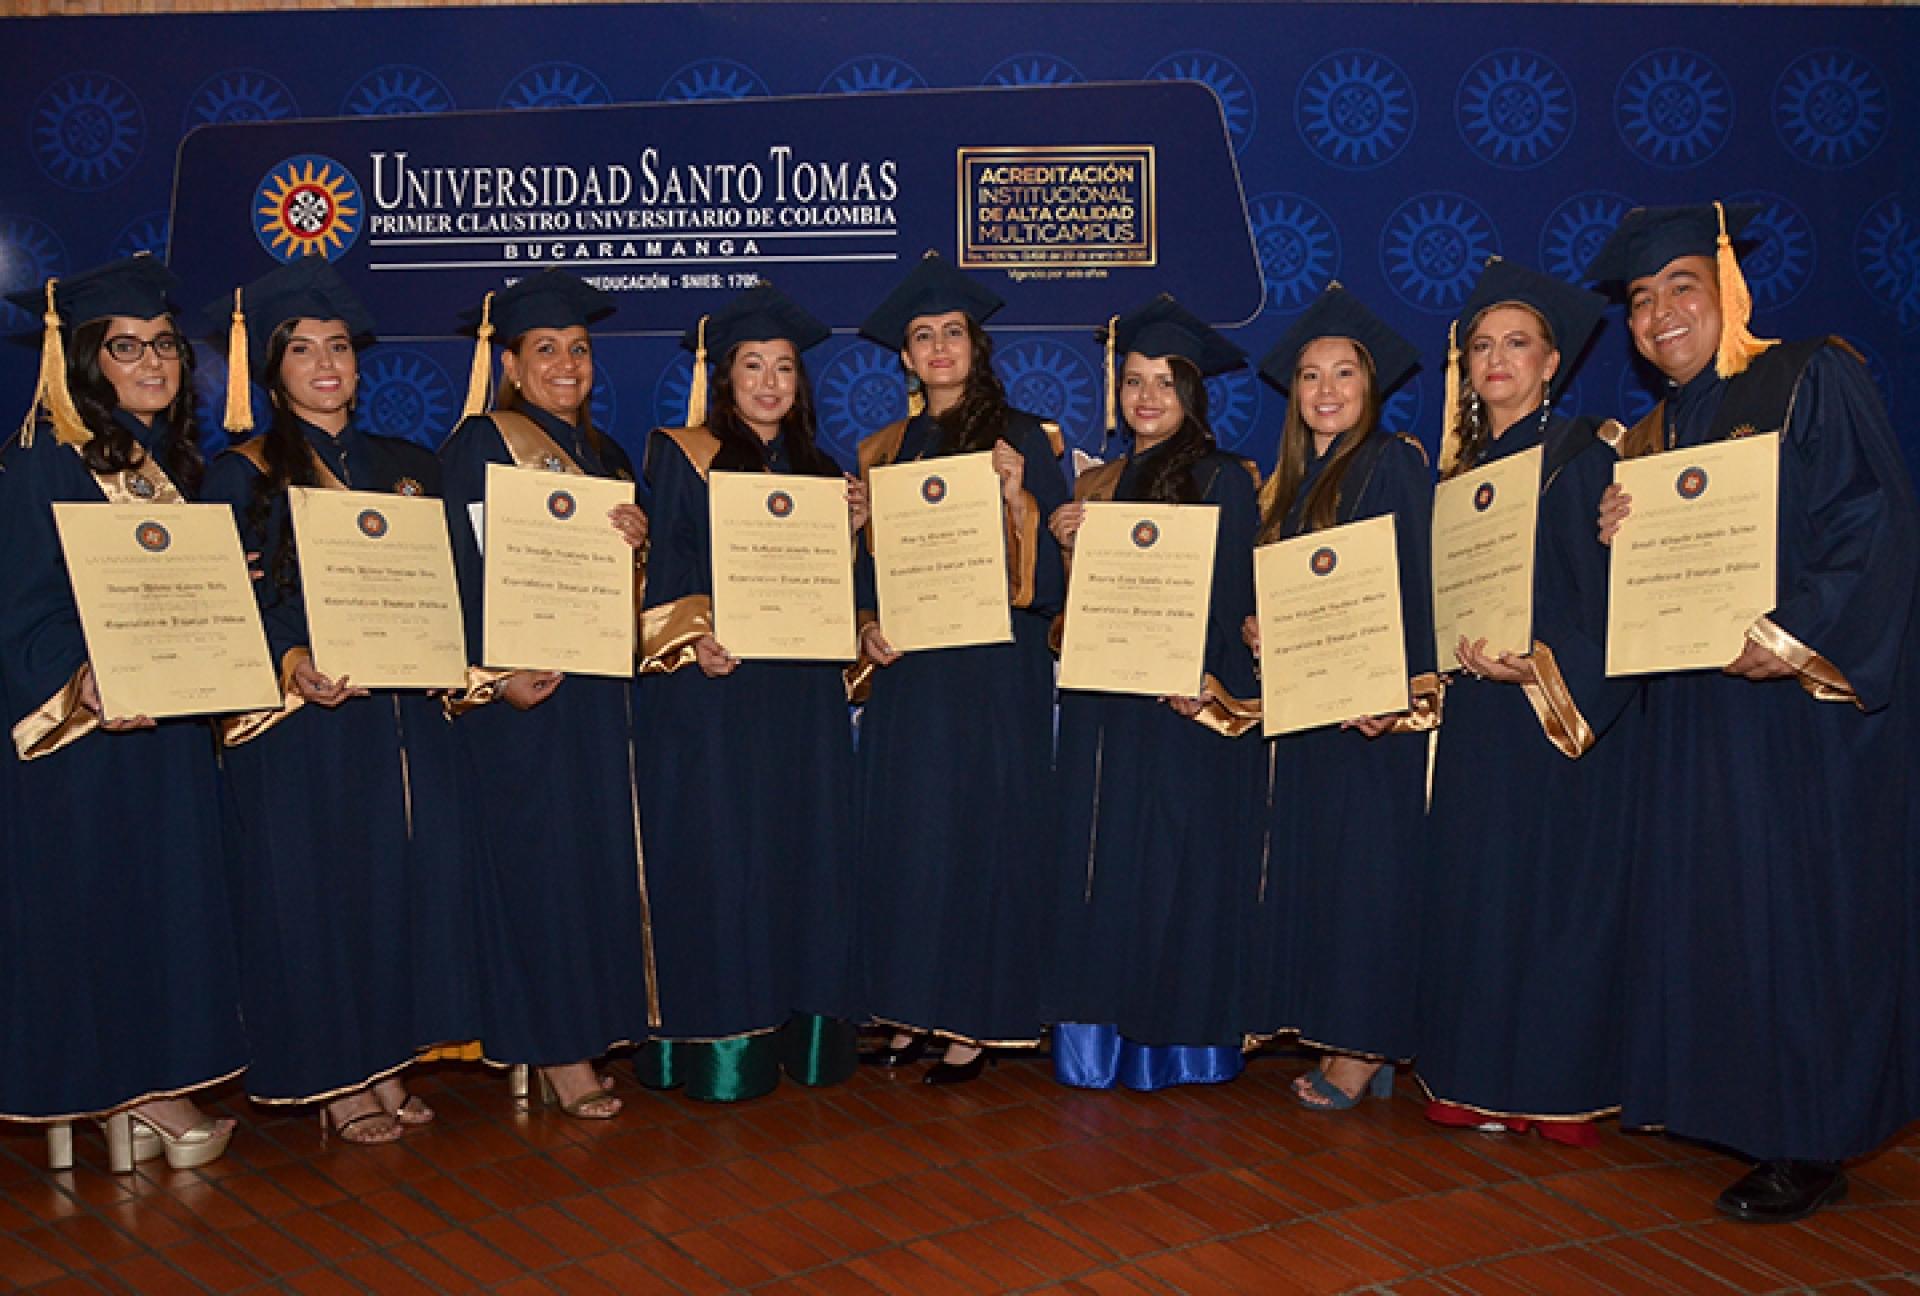 Nueva promoción de graduados Tomasinos. Aporte intelectual al mundo laboral | Educación | Variedades | EL FRENTE